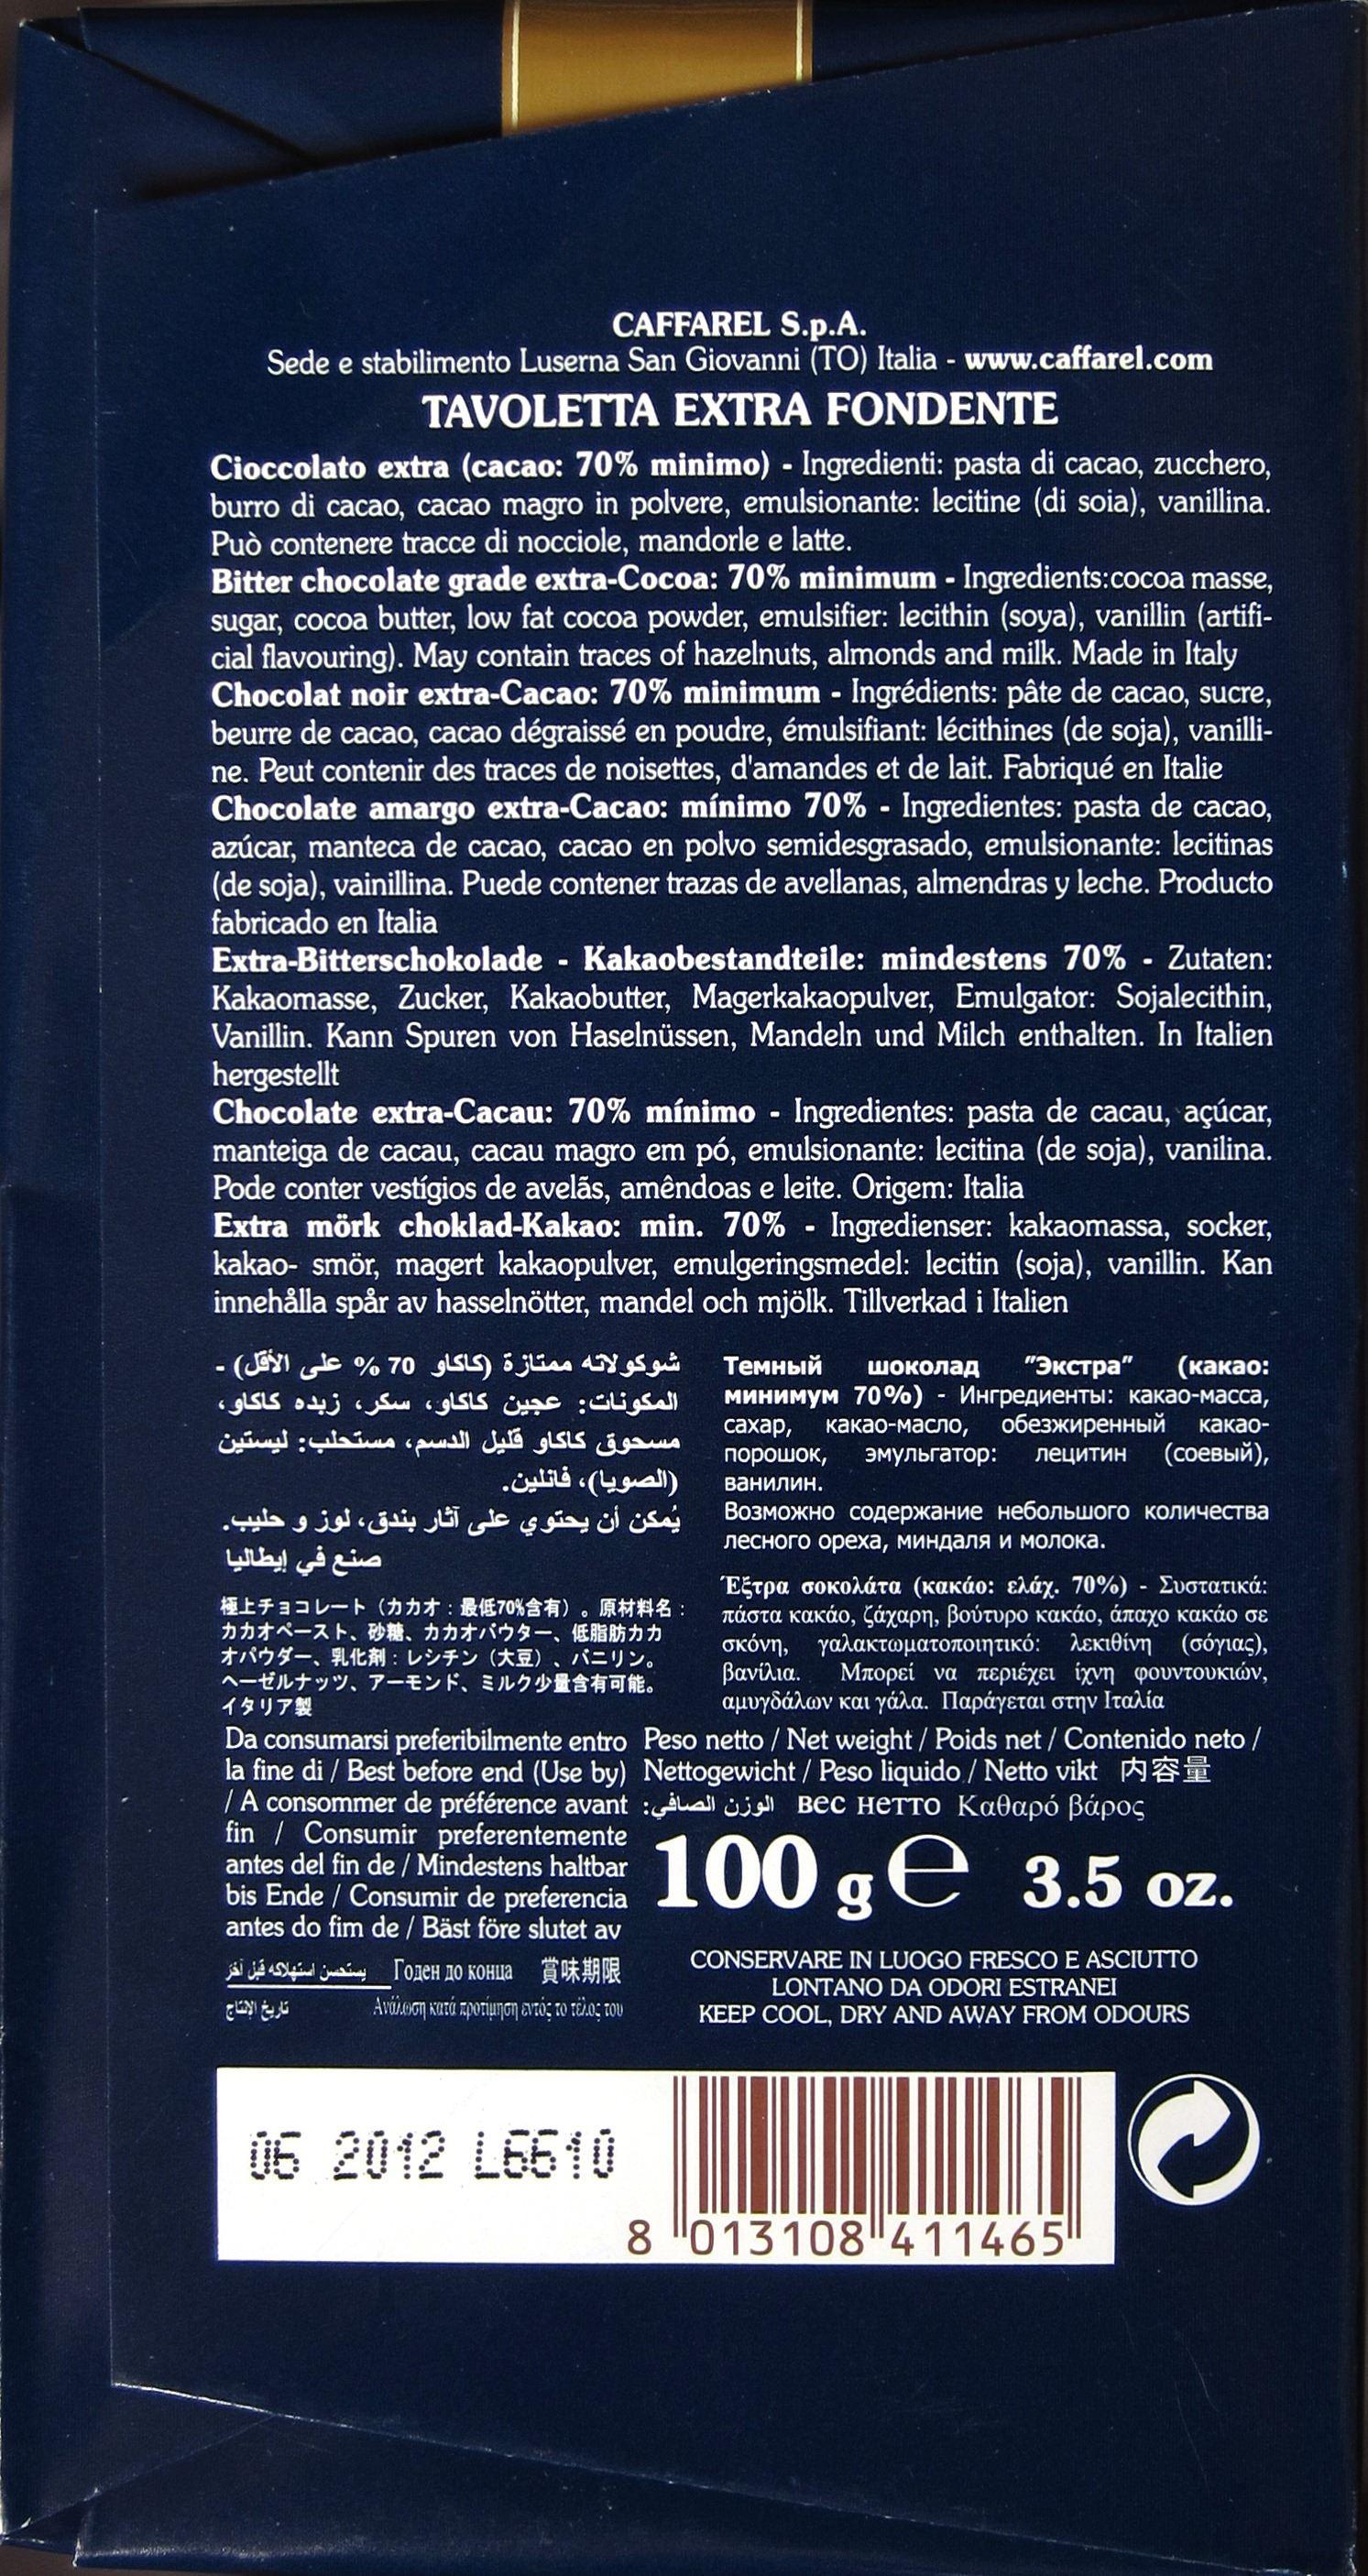 Caffarel Puro Cioccolat Extra-Fondente Cacao 70% - Ingredienzien